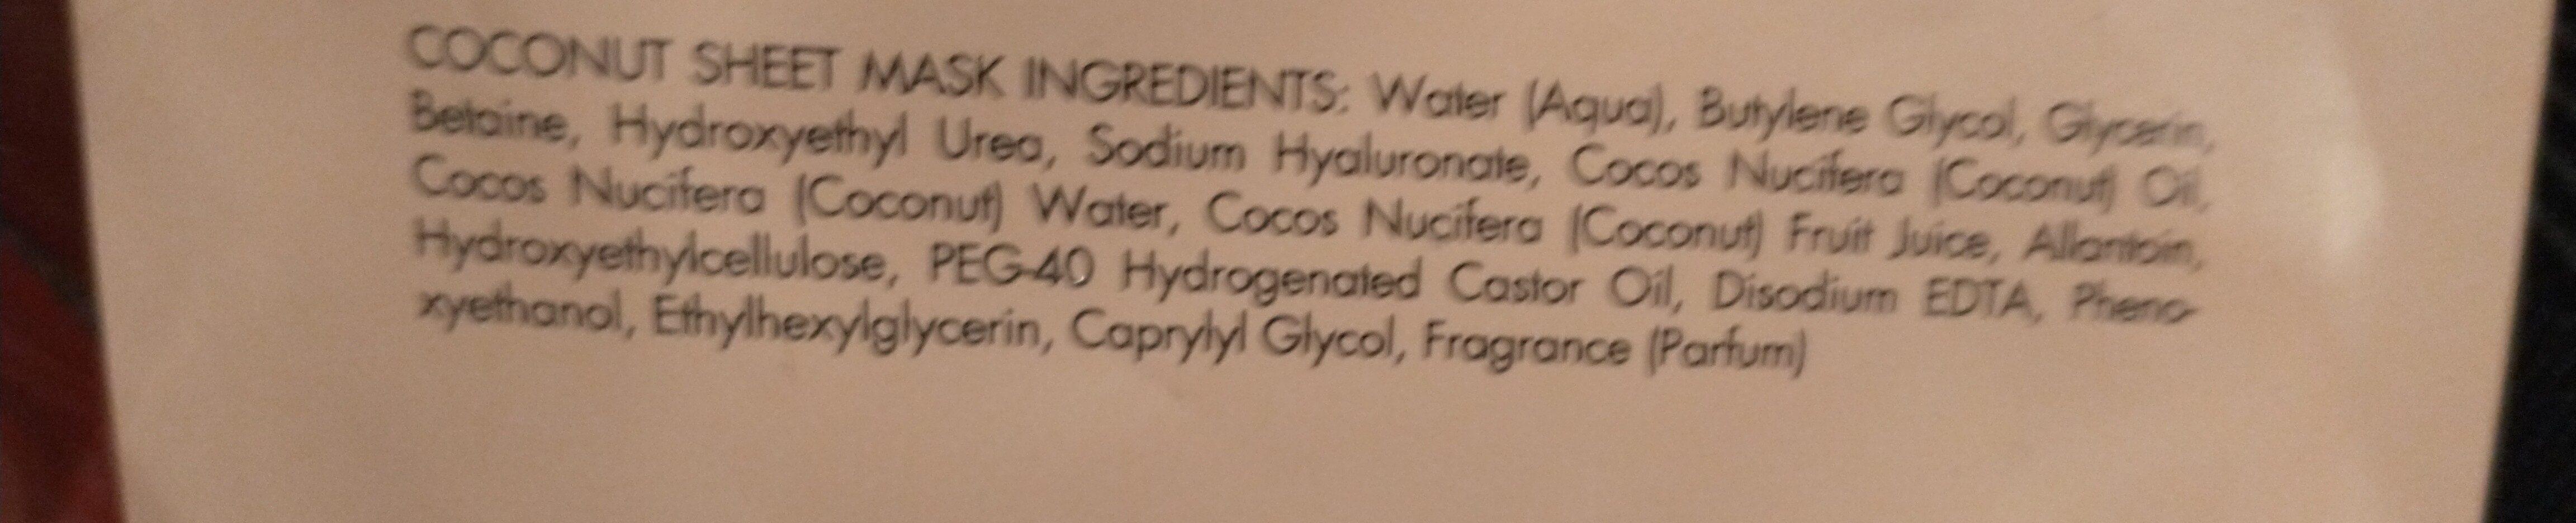 coconut - Ingredients - en